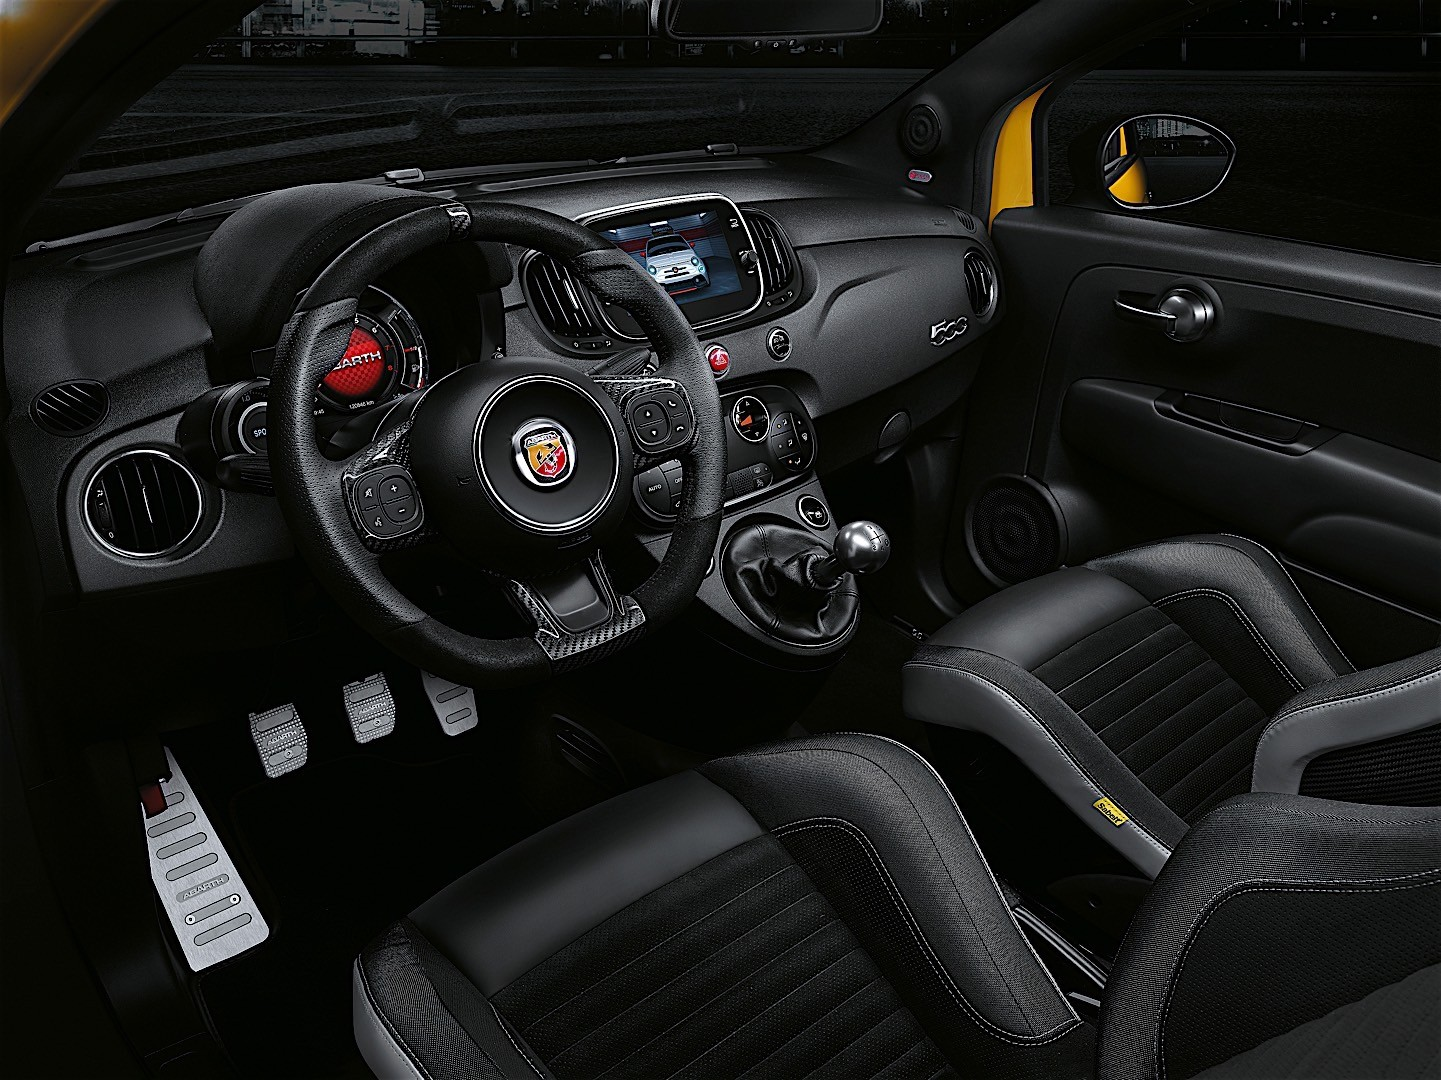 fiat abarth 595 autoevolution present cars